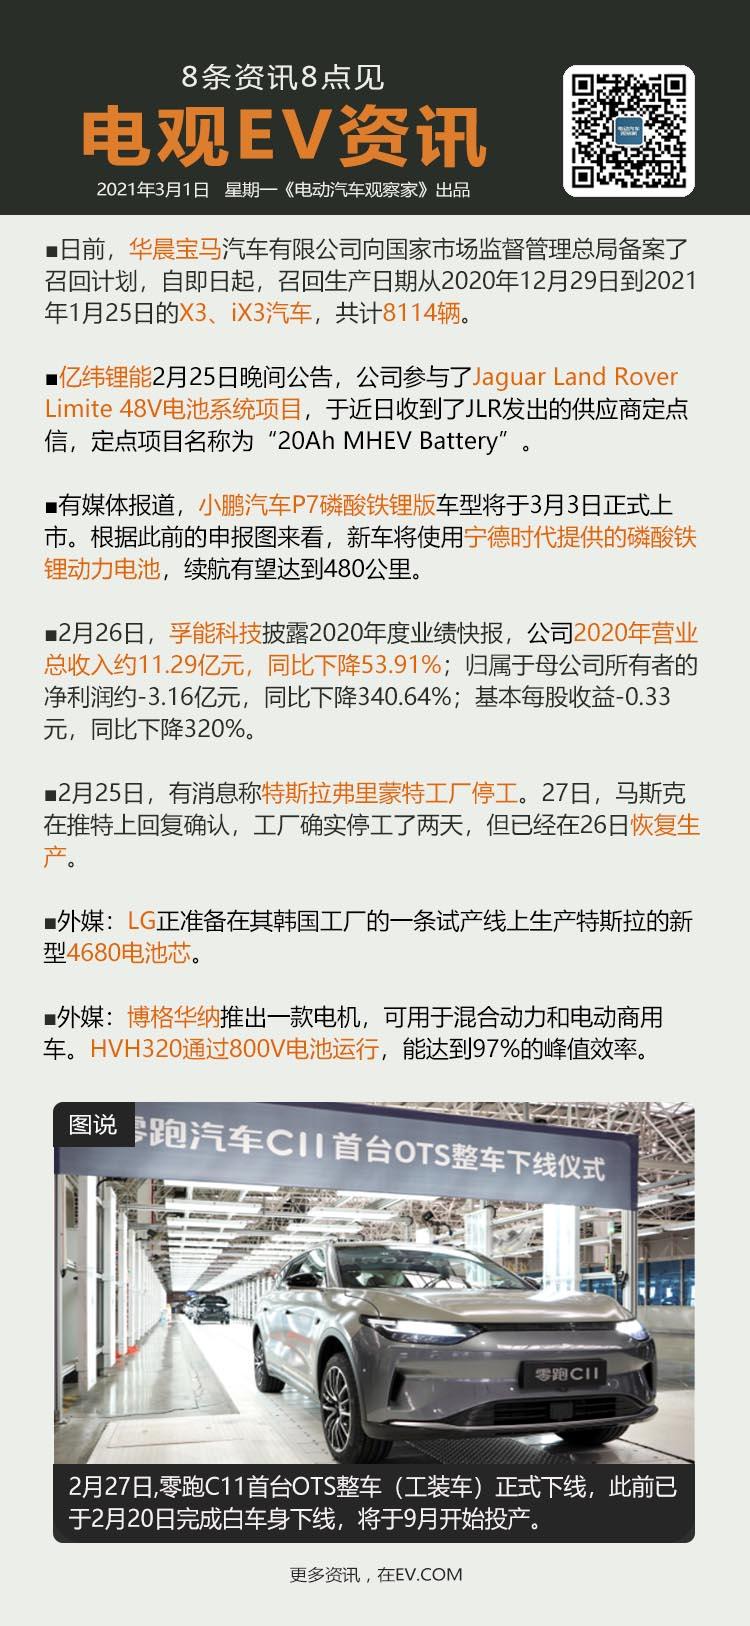 3月1日:华晨宝马召回部分国产iX3汽车、亿纬锂能收捷豹路虎定点信、小鹏P7磷酸...